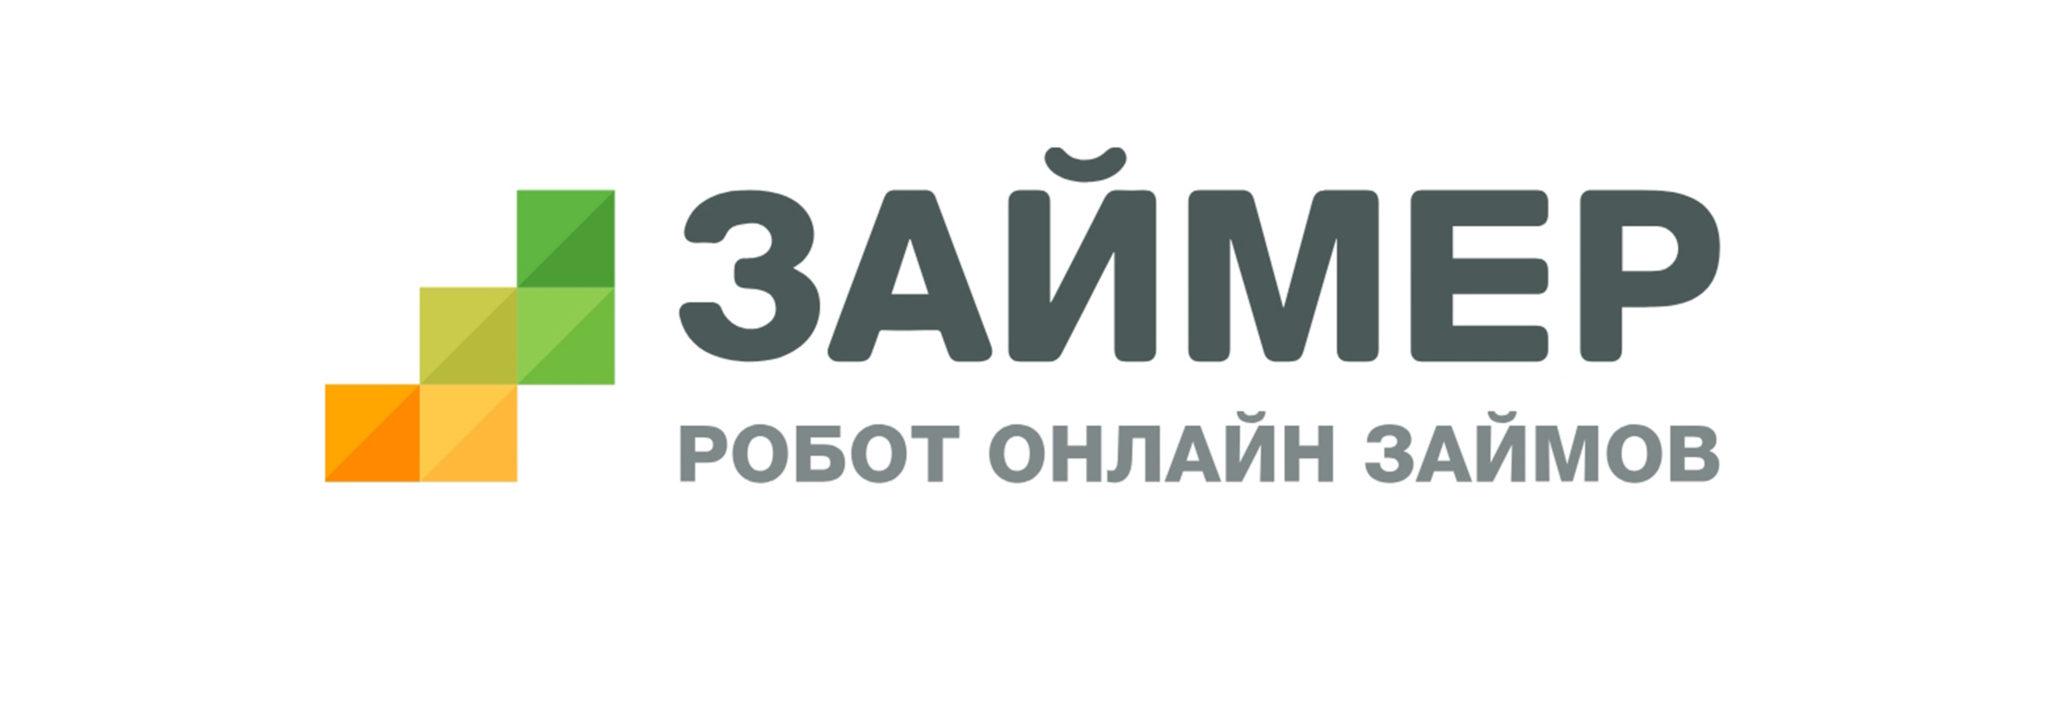 Займер (Zaymer) – личный кабинет: регистрация, вход по номеру телефона, восстановление, оплата займа